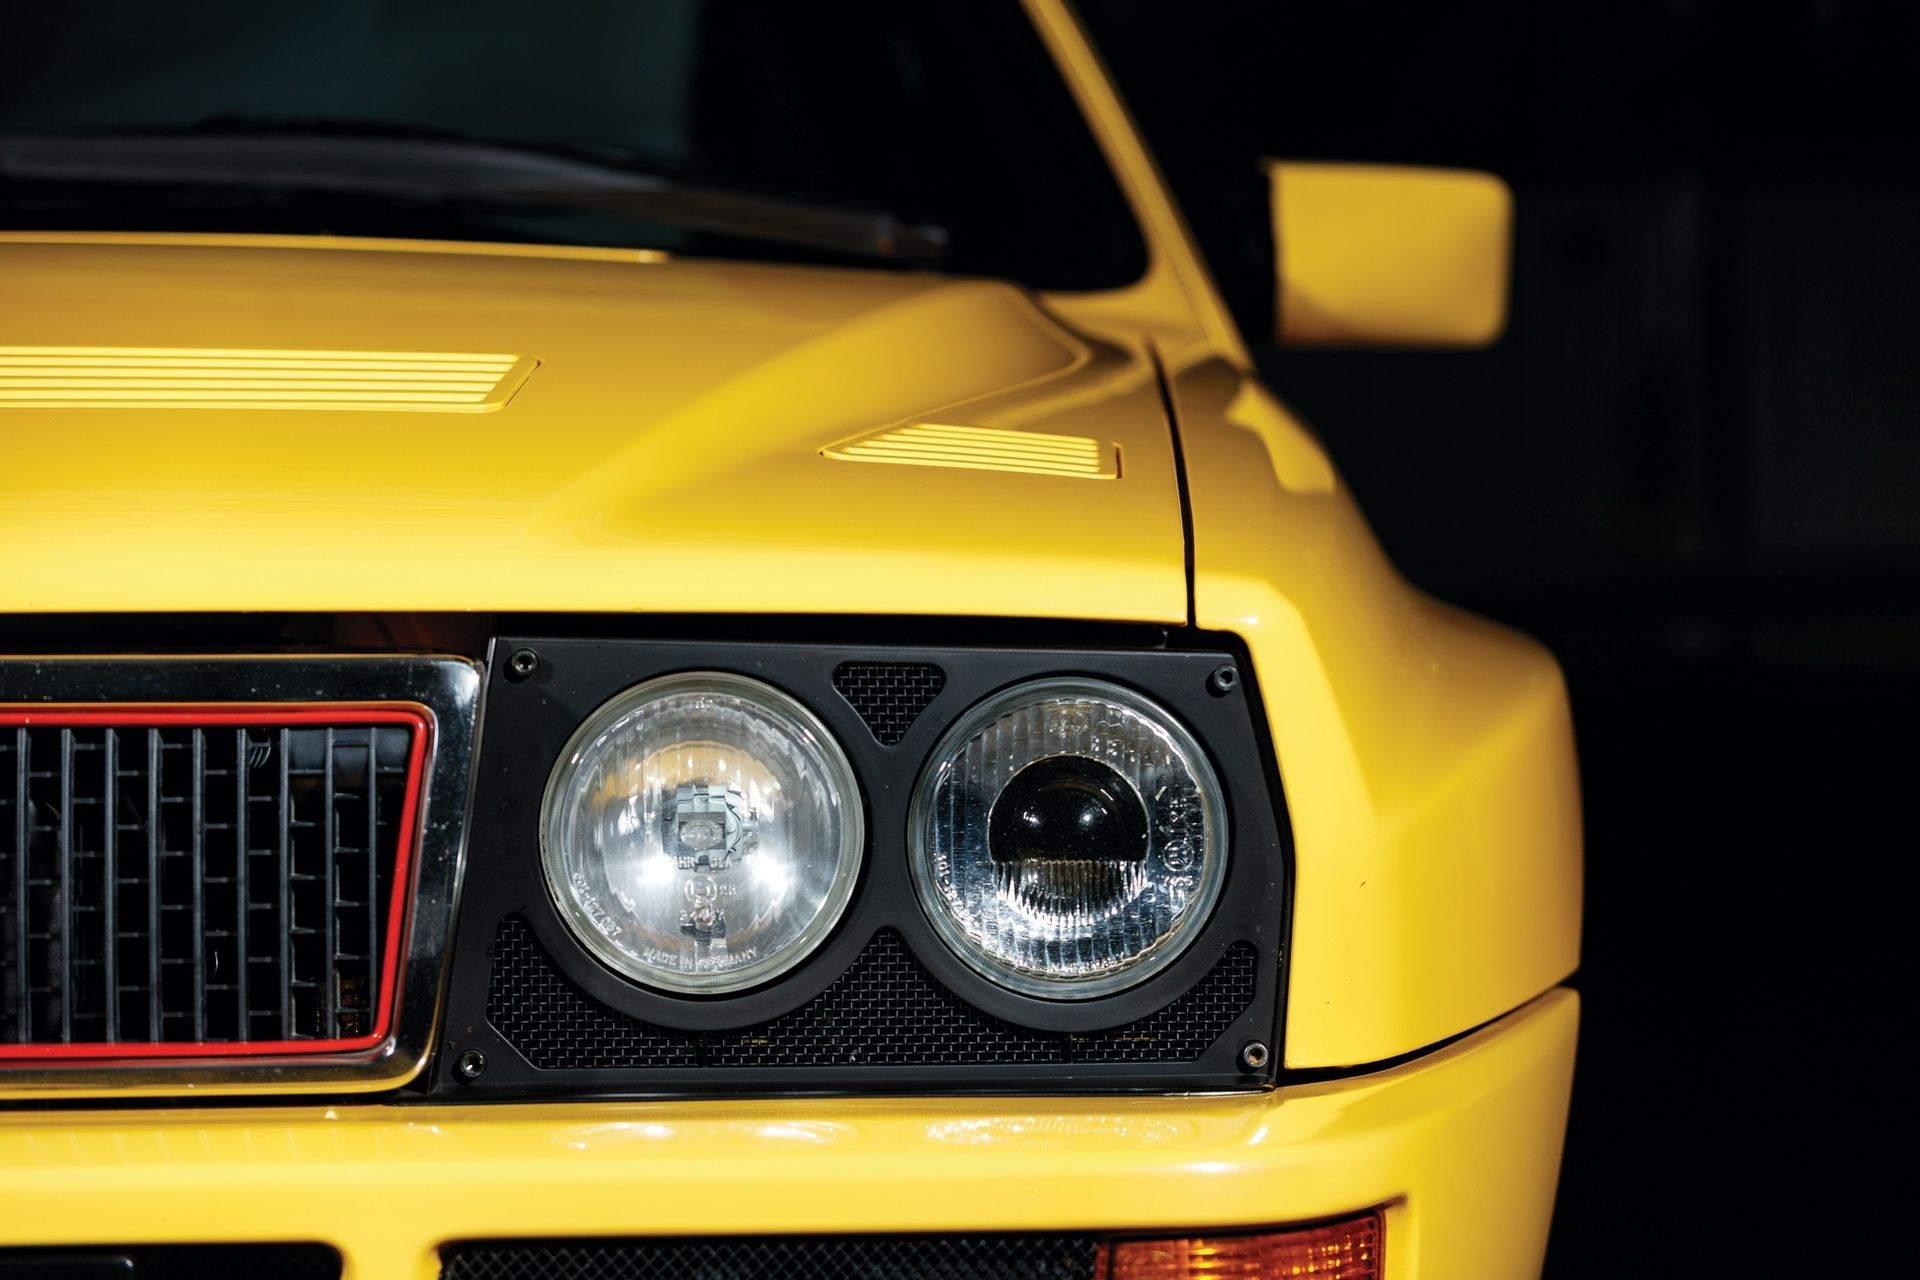 1993-Lancia-Delta-HF-Integrale-Evoluzione-II-_18